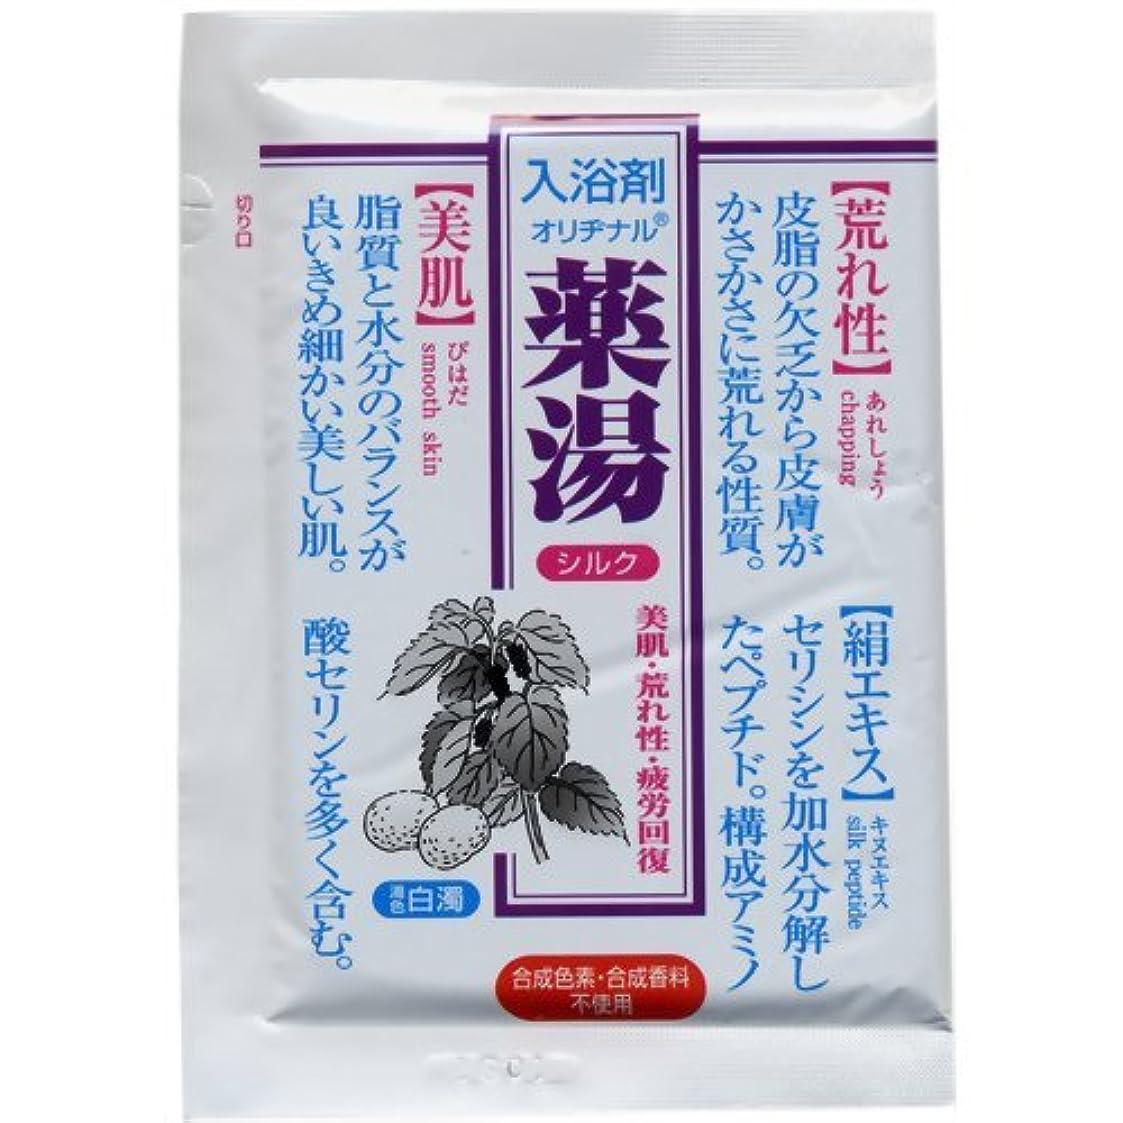 雨コショウ緩めるオリヂナル 薬湯 シルク 30g